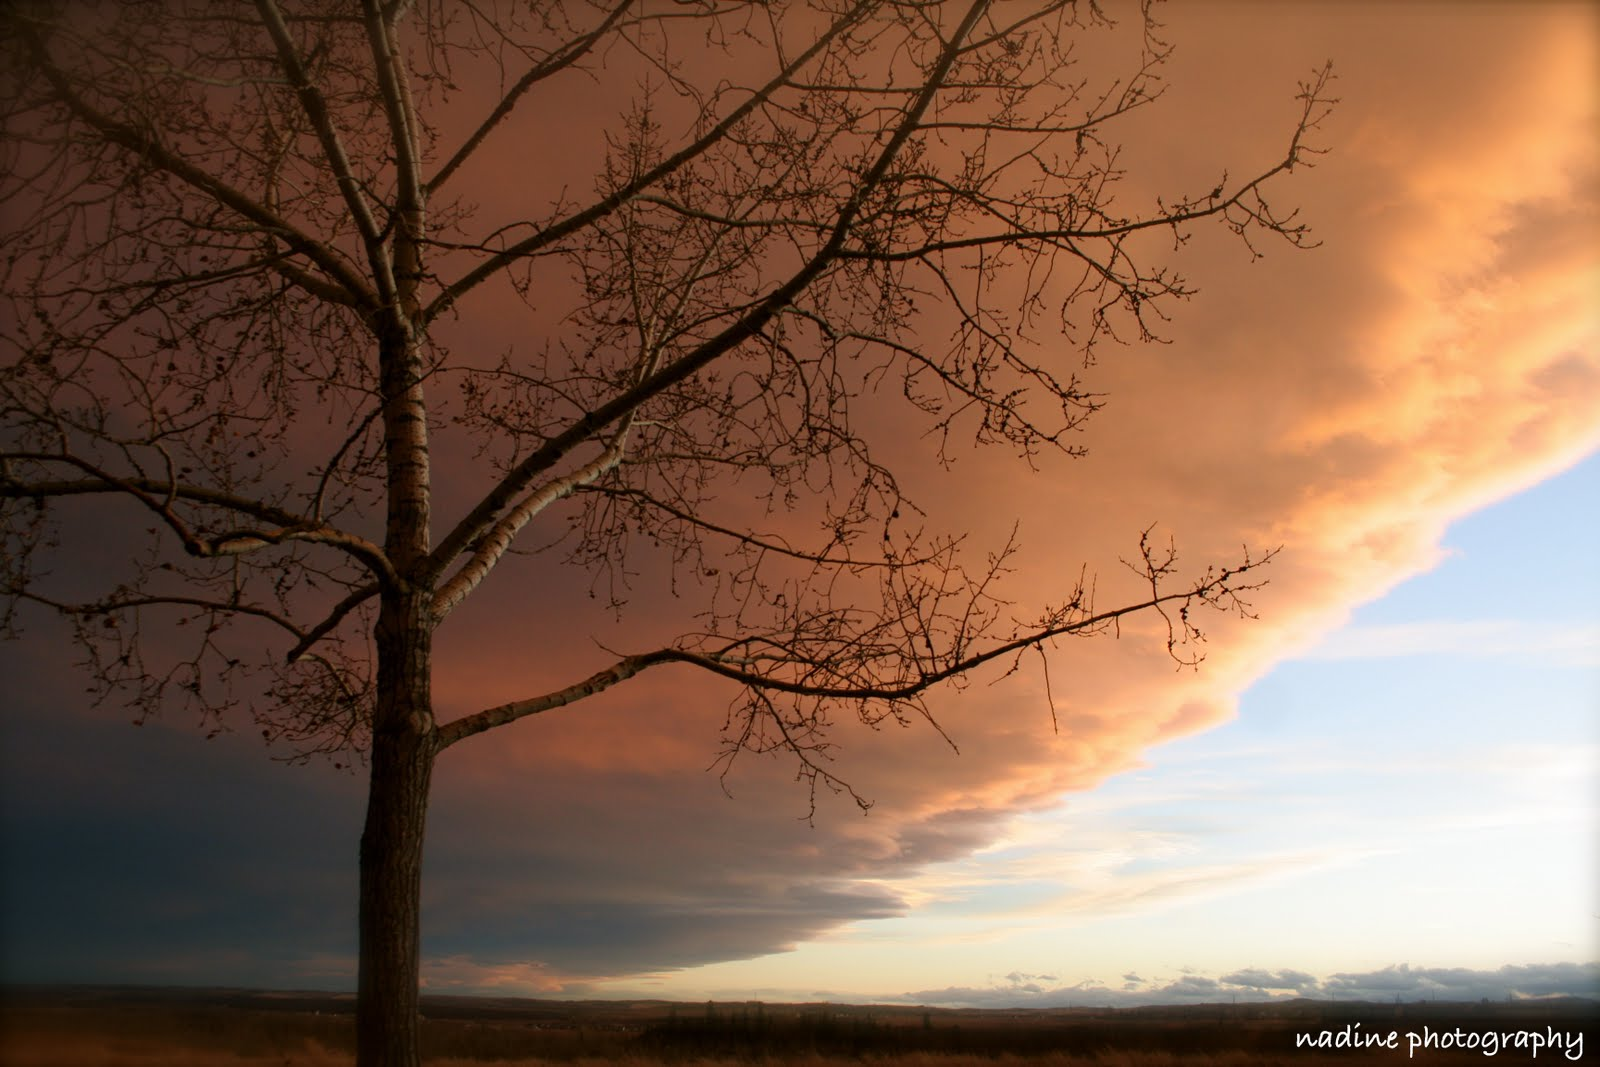 [sunset+tree]